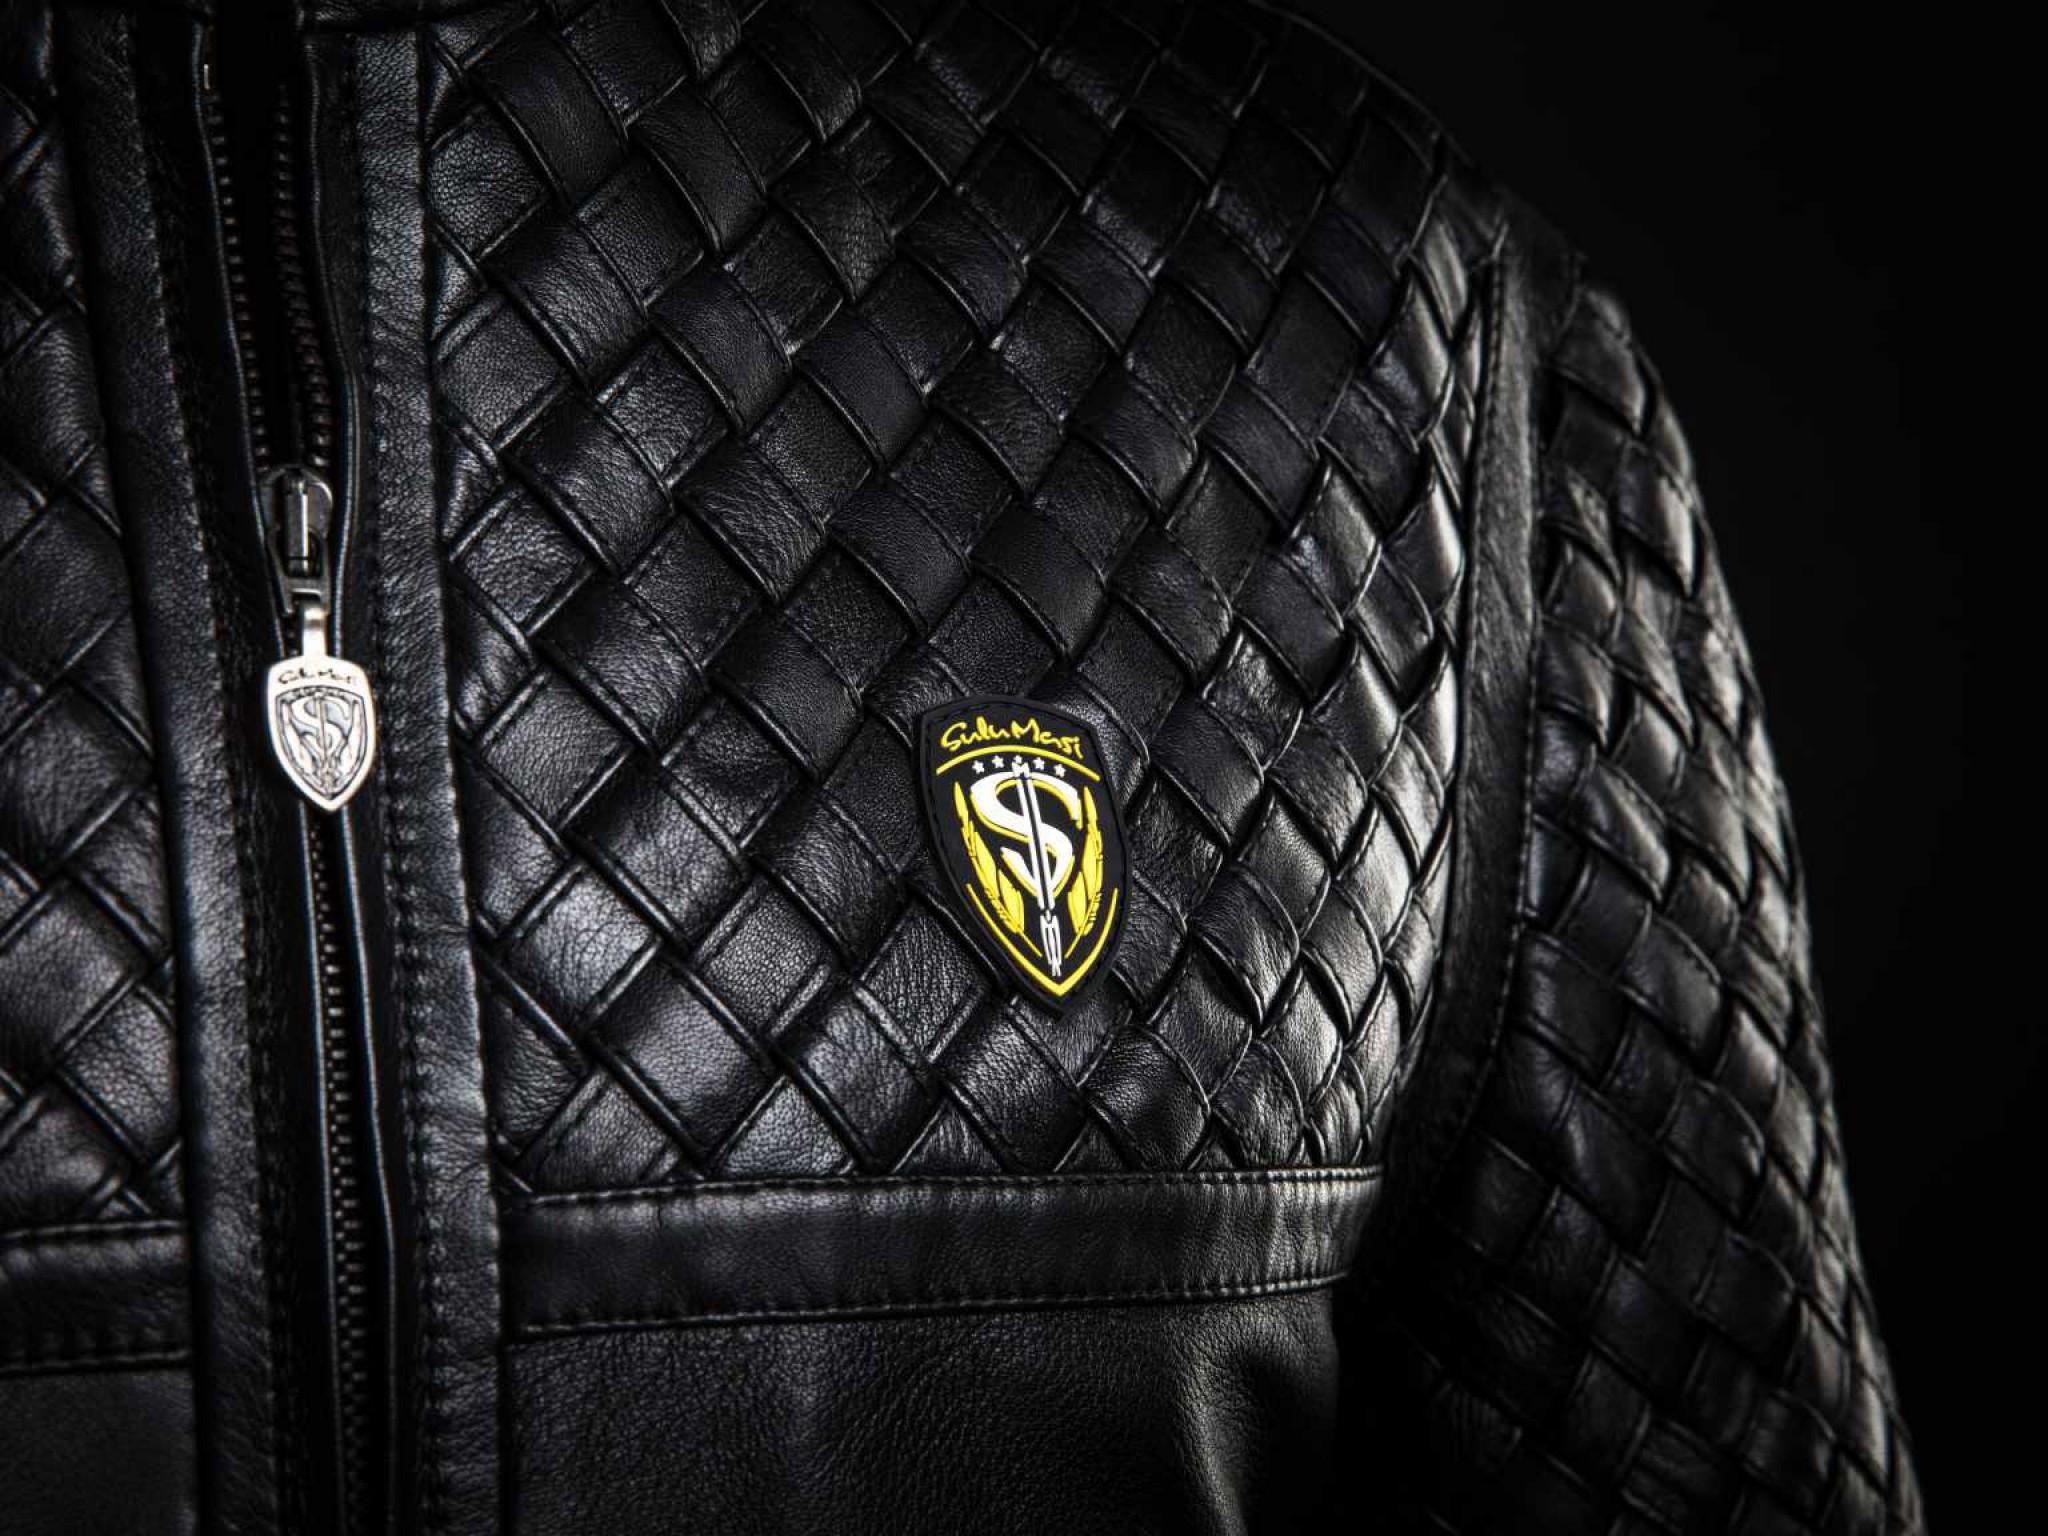 clothing-jacket-03